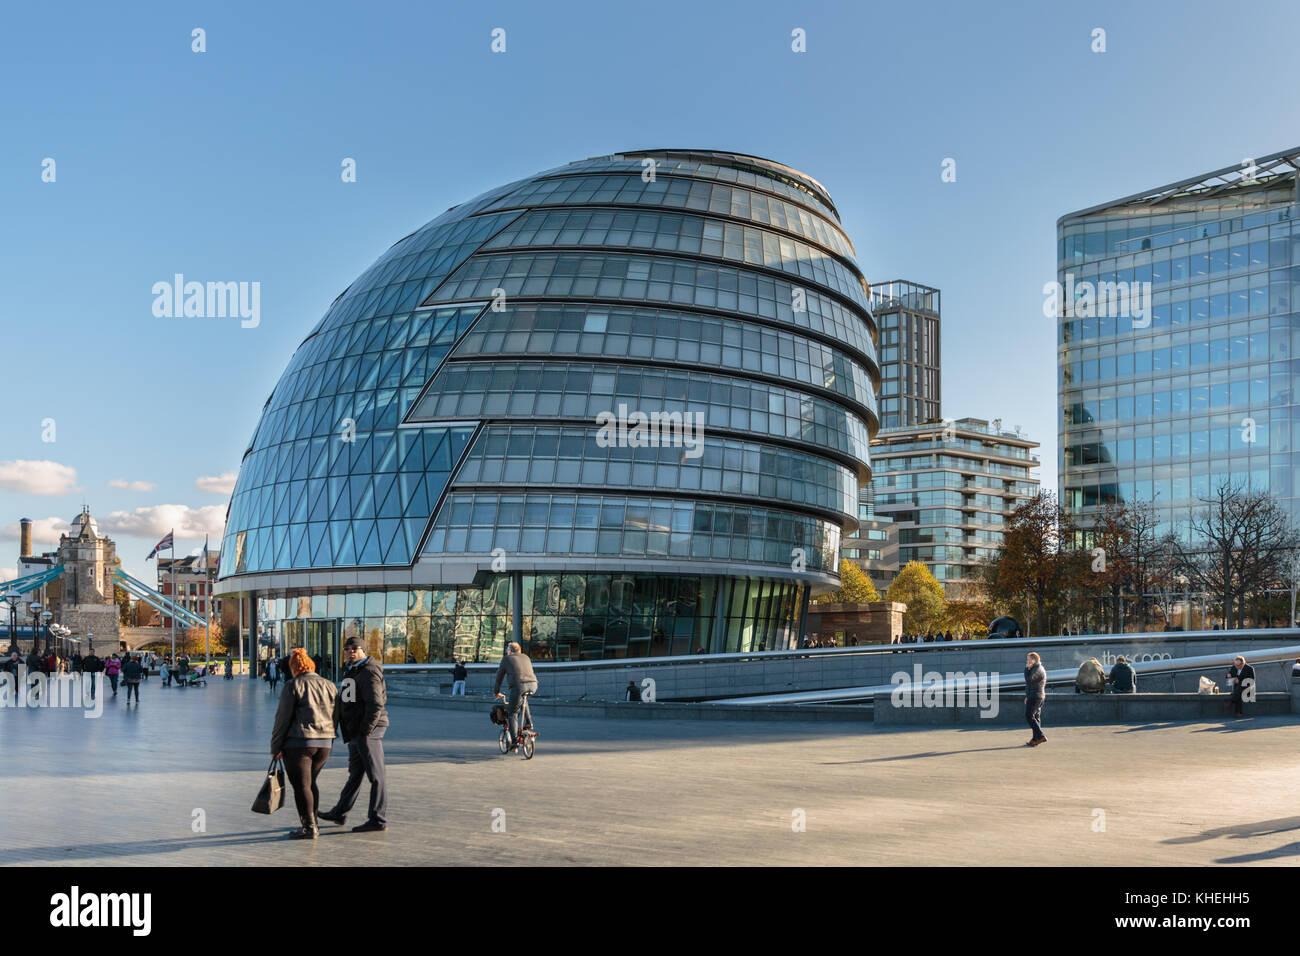 Il Municipio, sede della Greater London Authority (GLA), il sindaco di Londra e London Assembly, Southwark, Londra, Immagini Stock